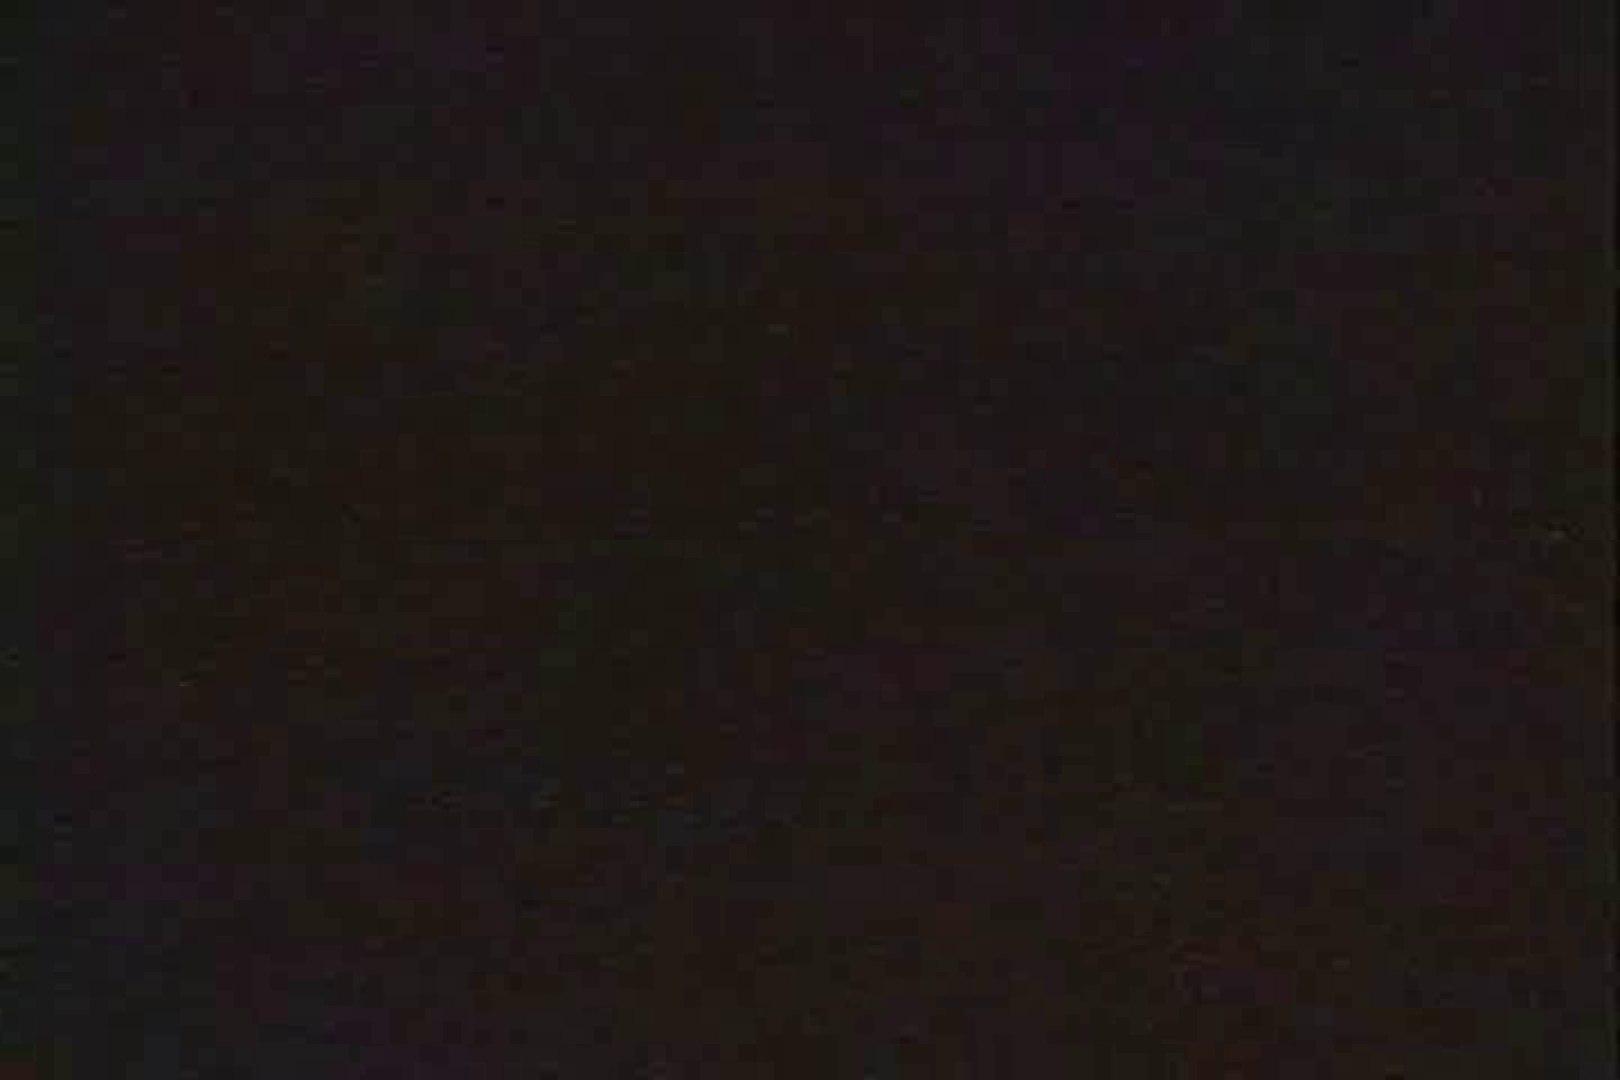 「ちくりん」さんのオリジナル未編集パンチラVol.1_01 独身エッチOL | チラ  92pic 15